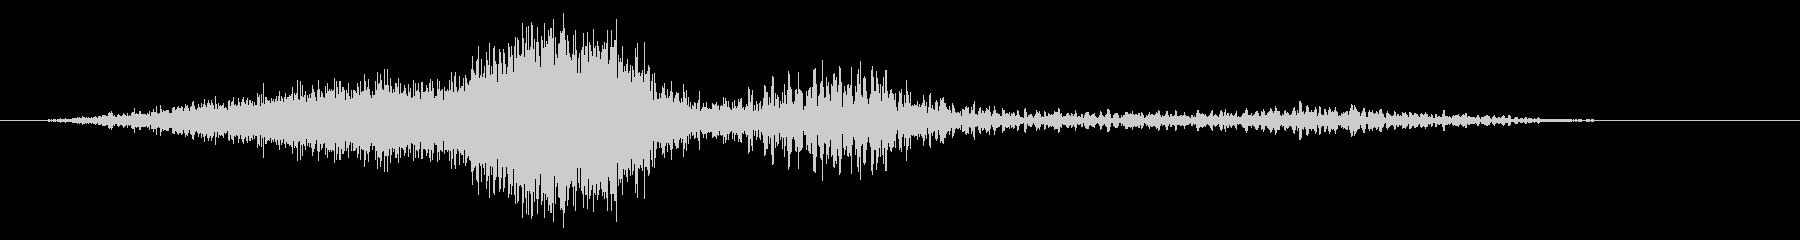 乱流ノイズパルスフーシュ2の未再生の波形